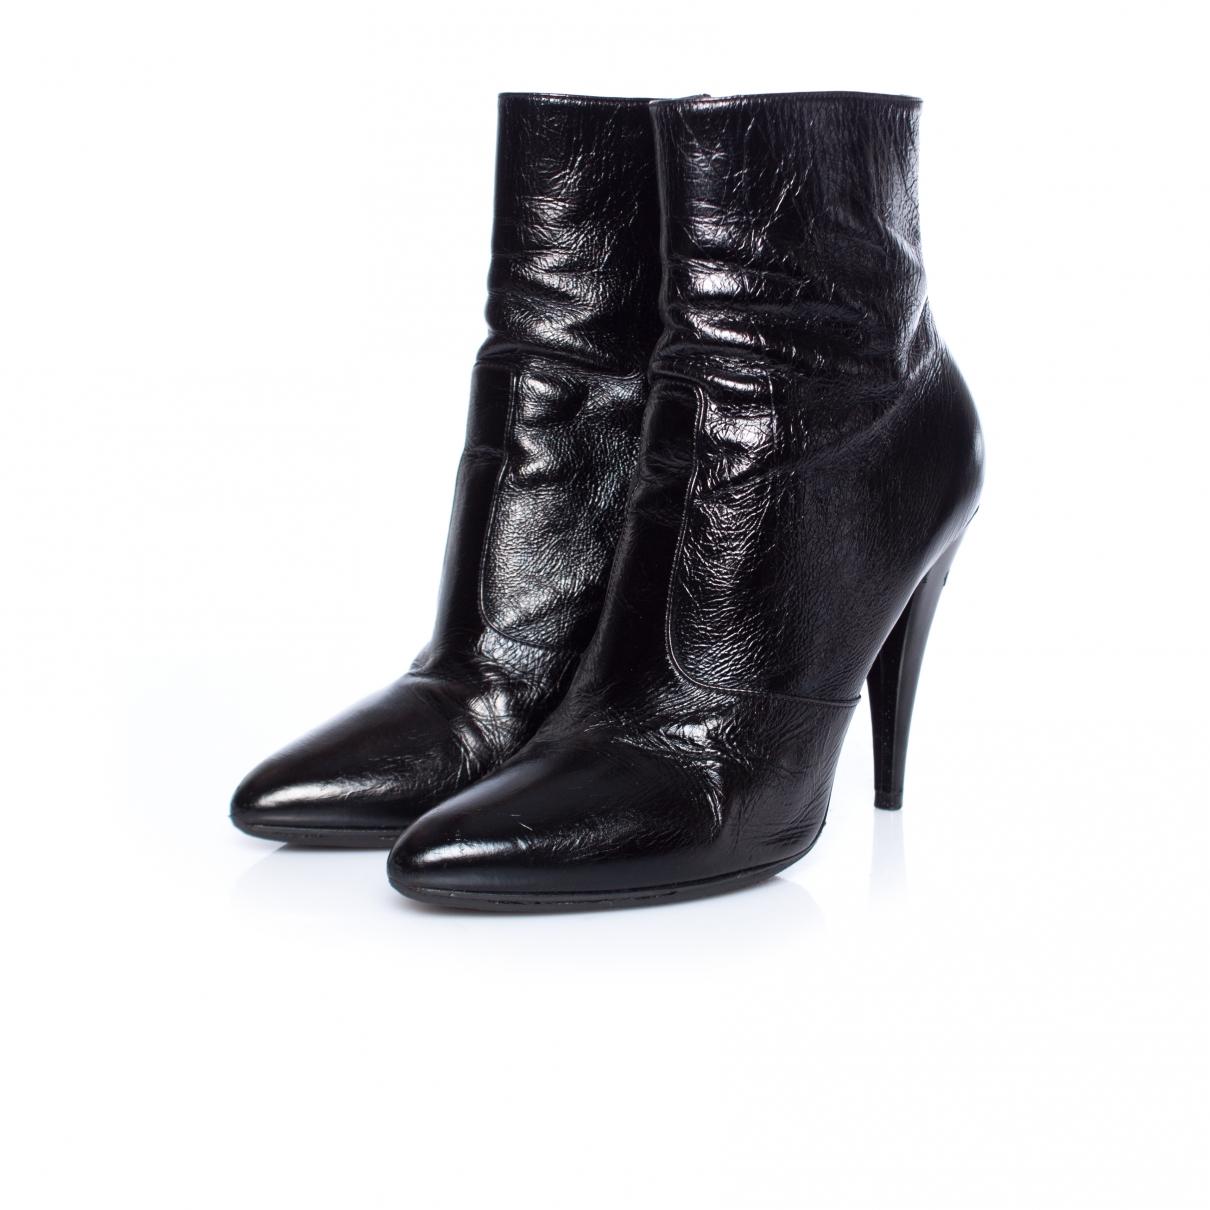 Saint Laurent - Boots   pour femme en cuir verni - noir